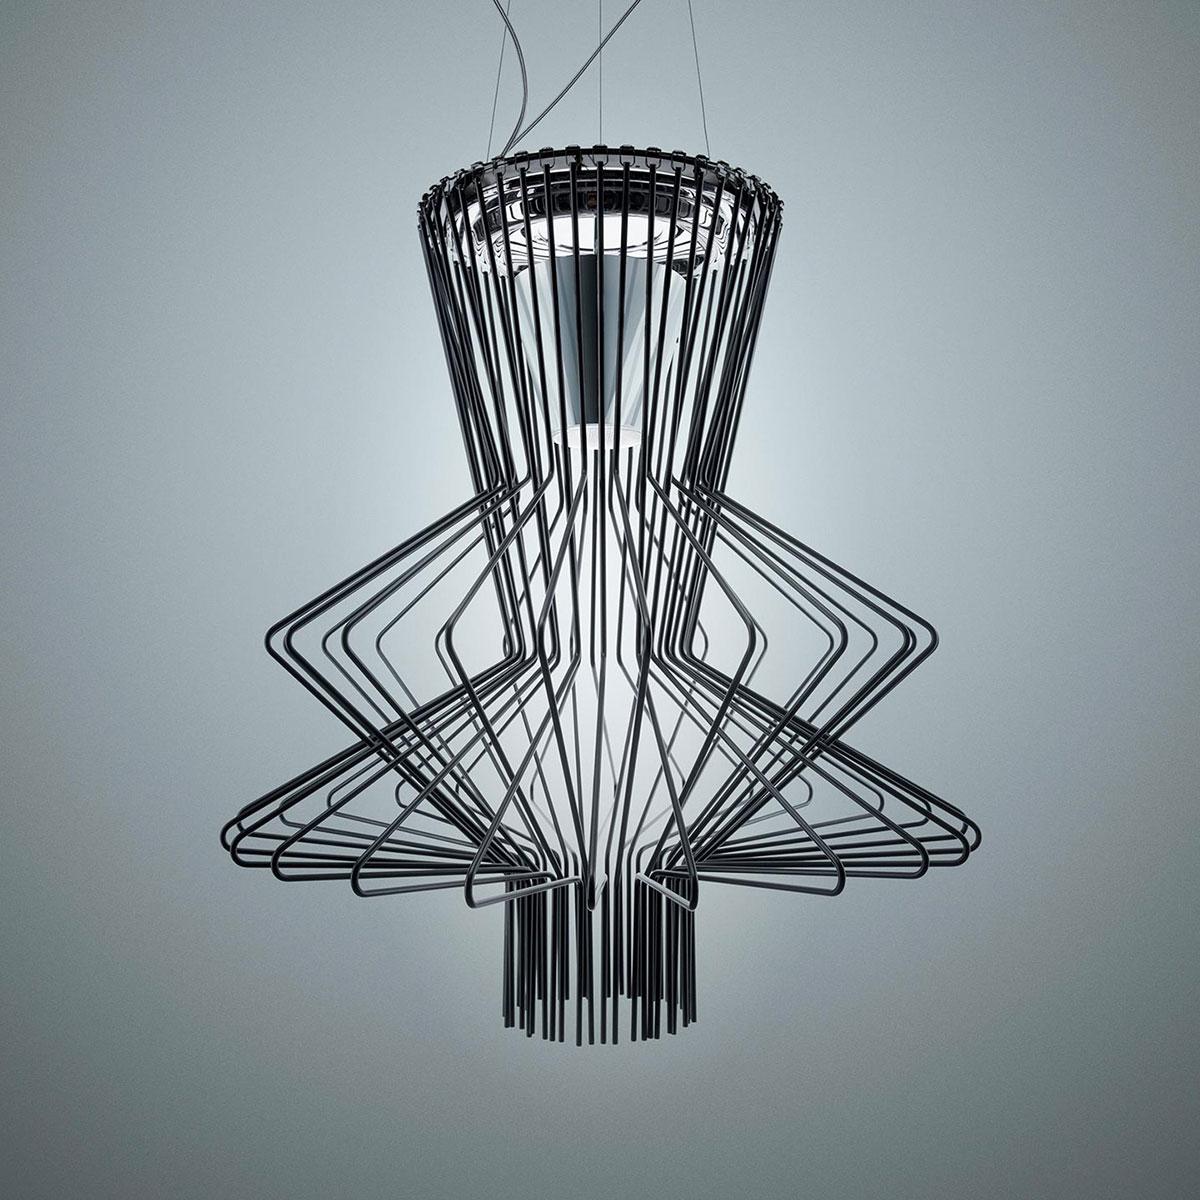 Allegro Ritmico Suspension Lamp